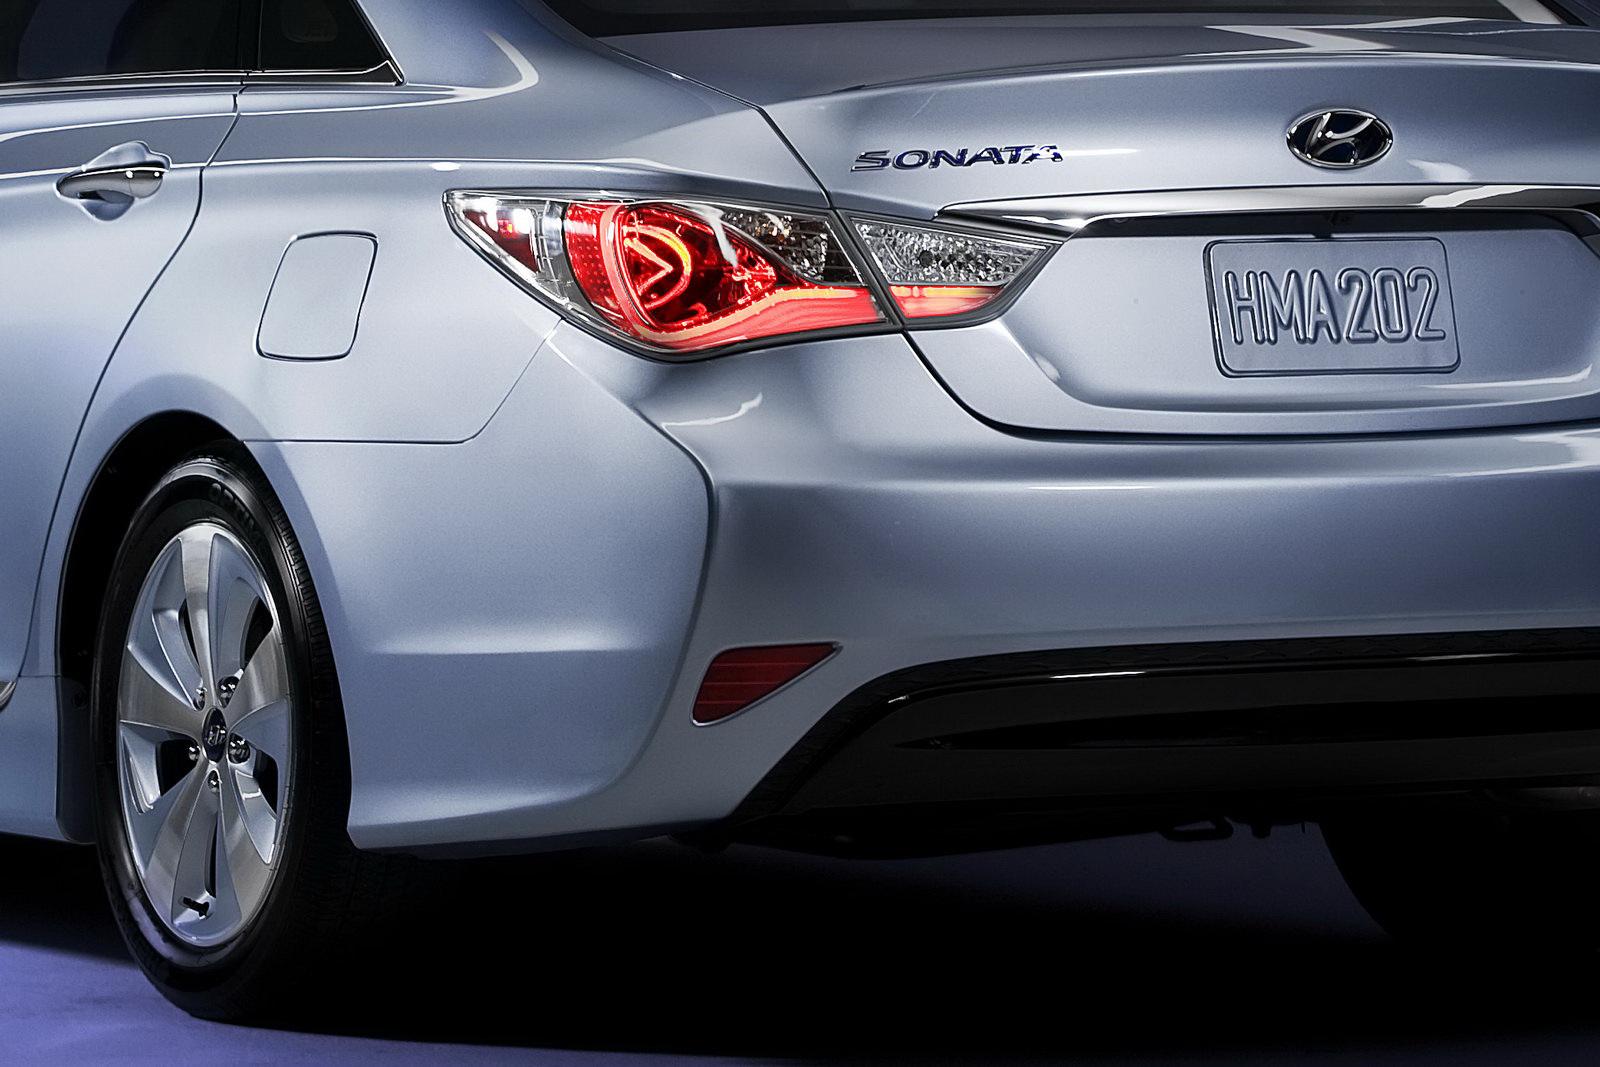 2011 Hyundai Sonata Hybrid Image 11